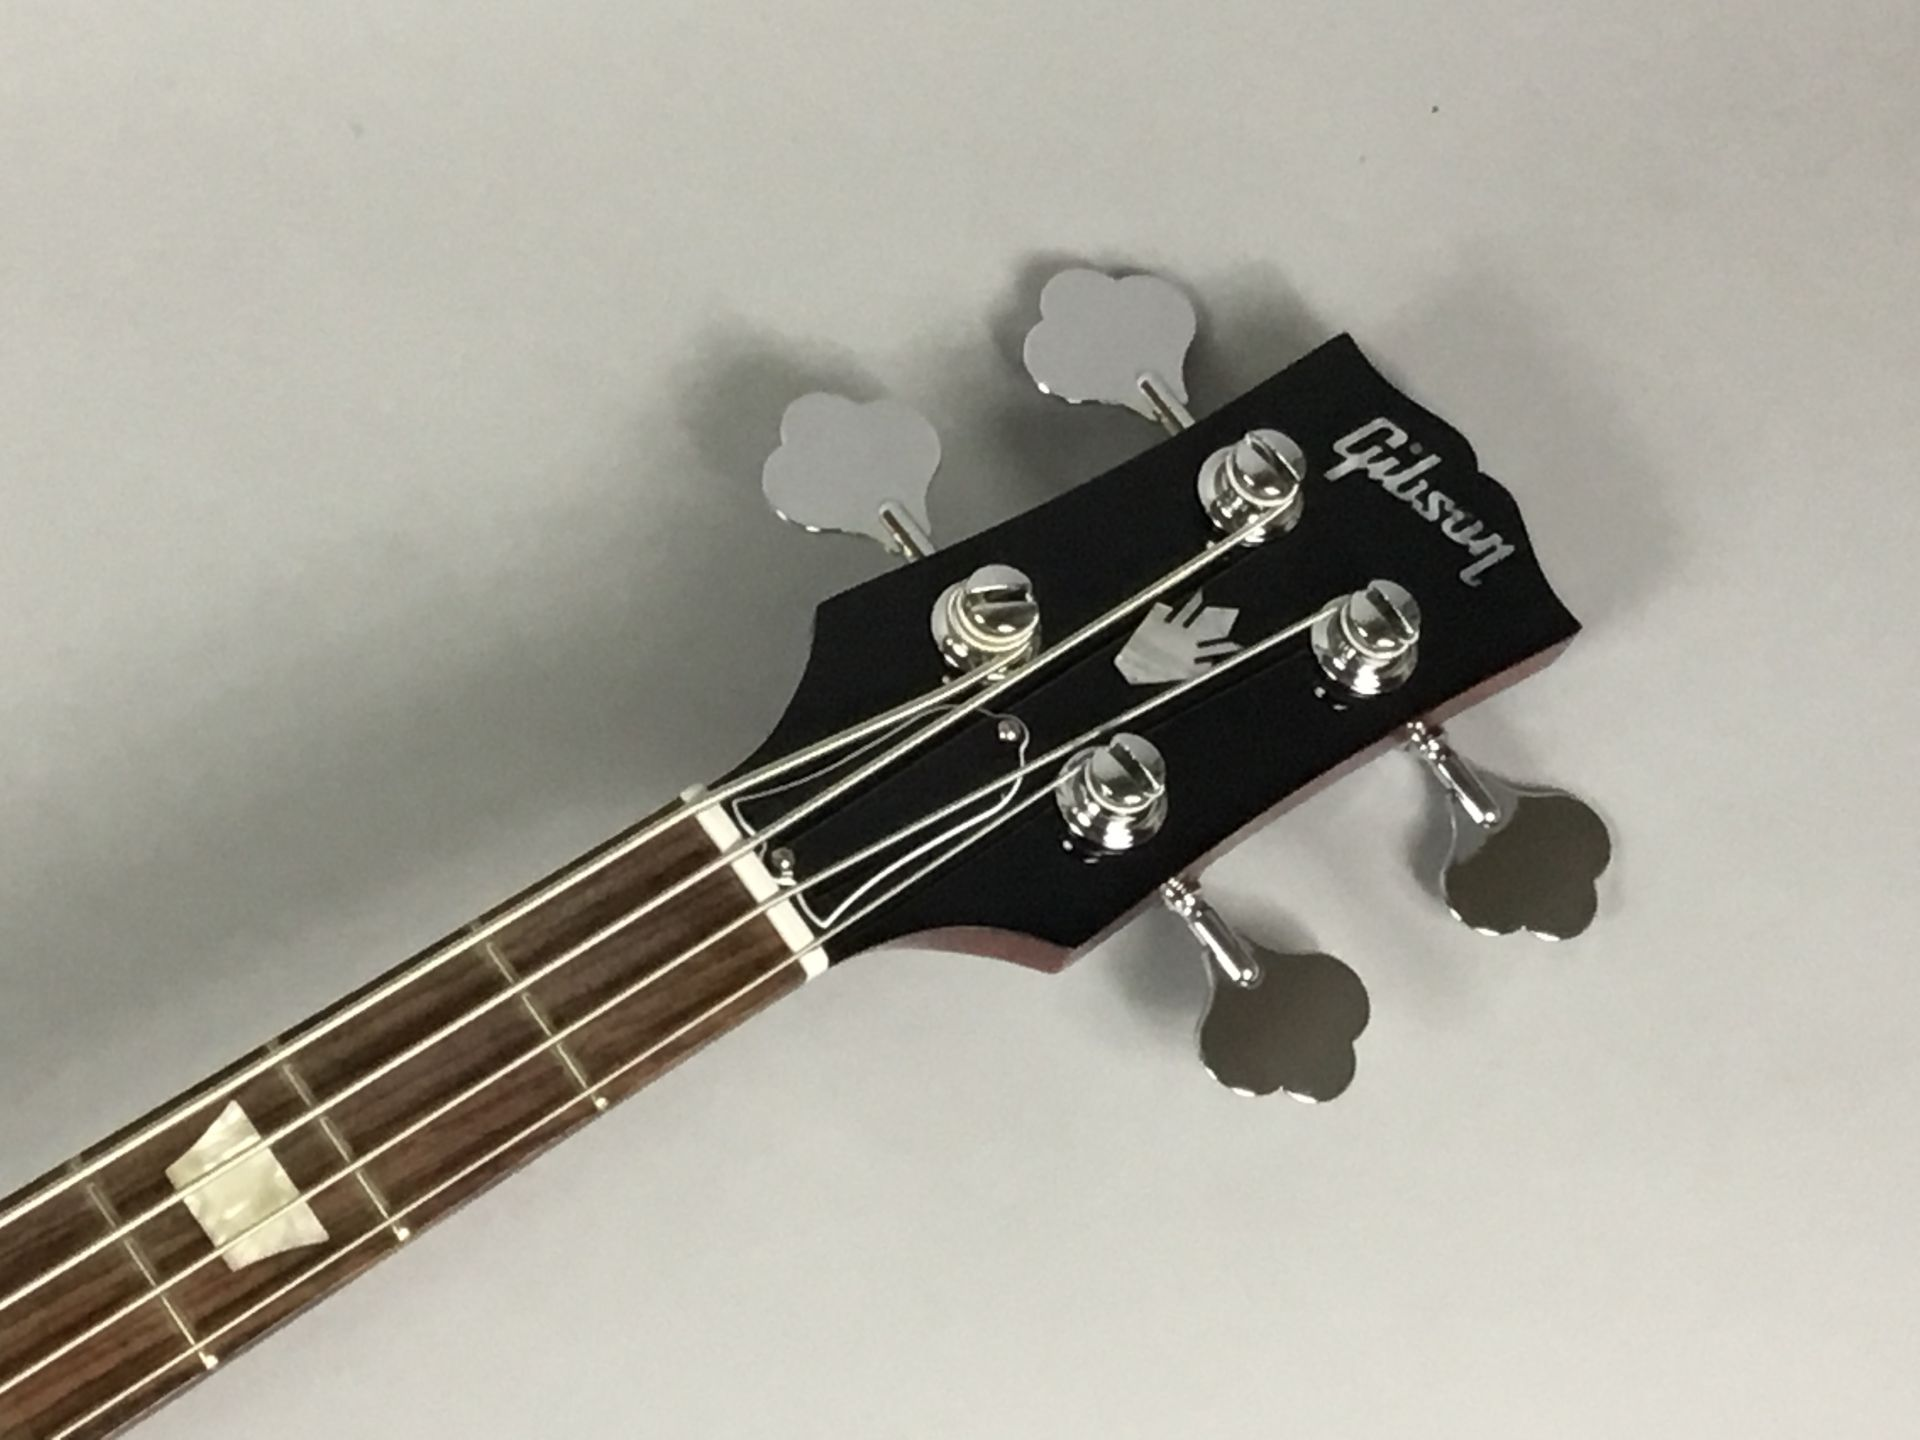 SG STD Bass 2018のヘッド画像